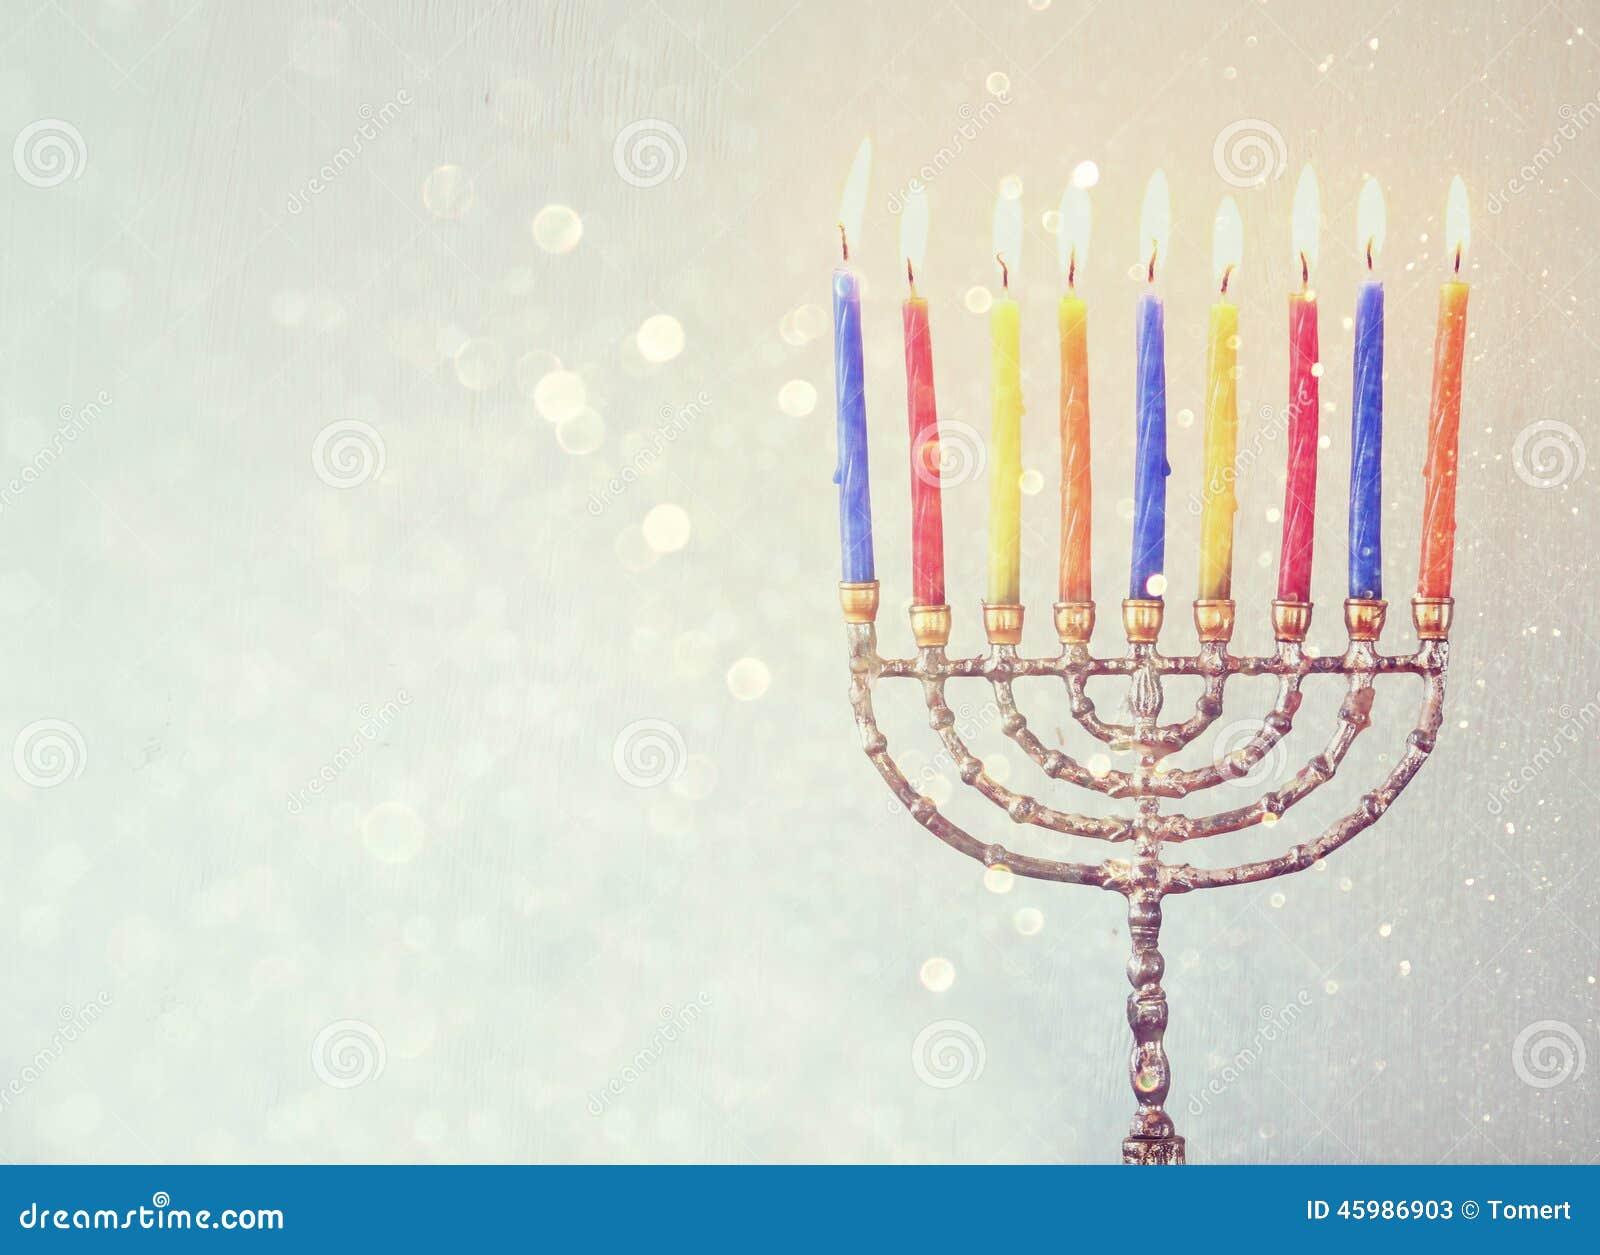 Baixa imagem chave do fundo judaico do Hanukkah do feriado com velas ardentes do menorah sobre o fundo do brilho